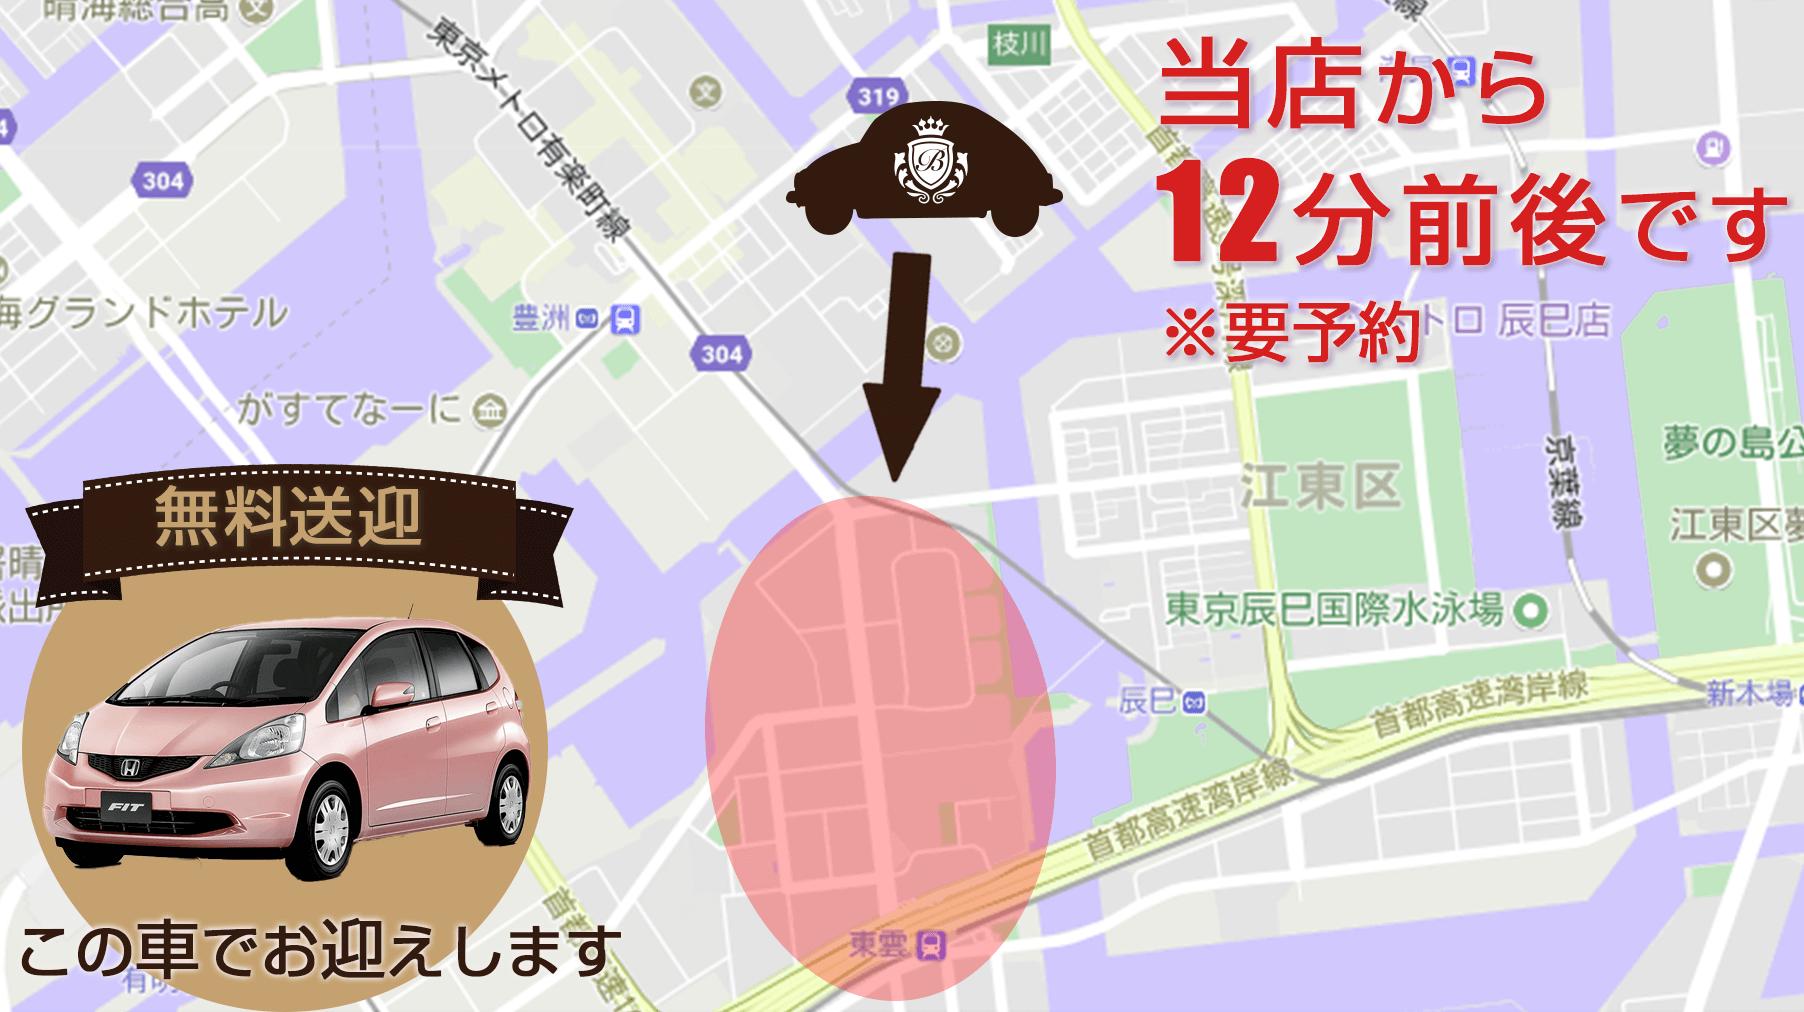 無料送迎地域【東雲エリア】